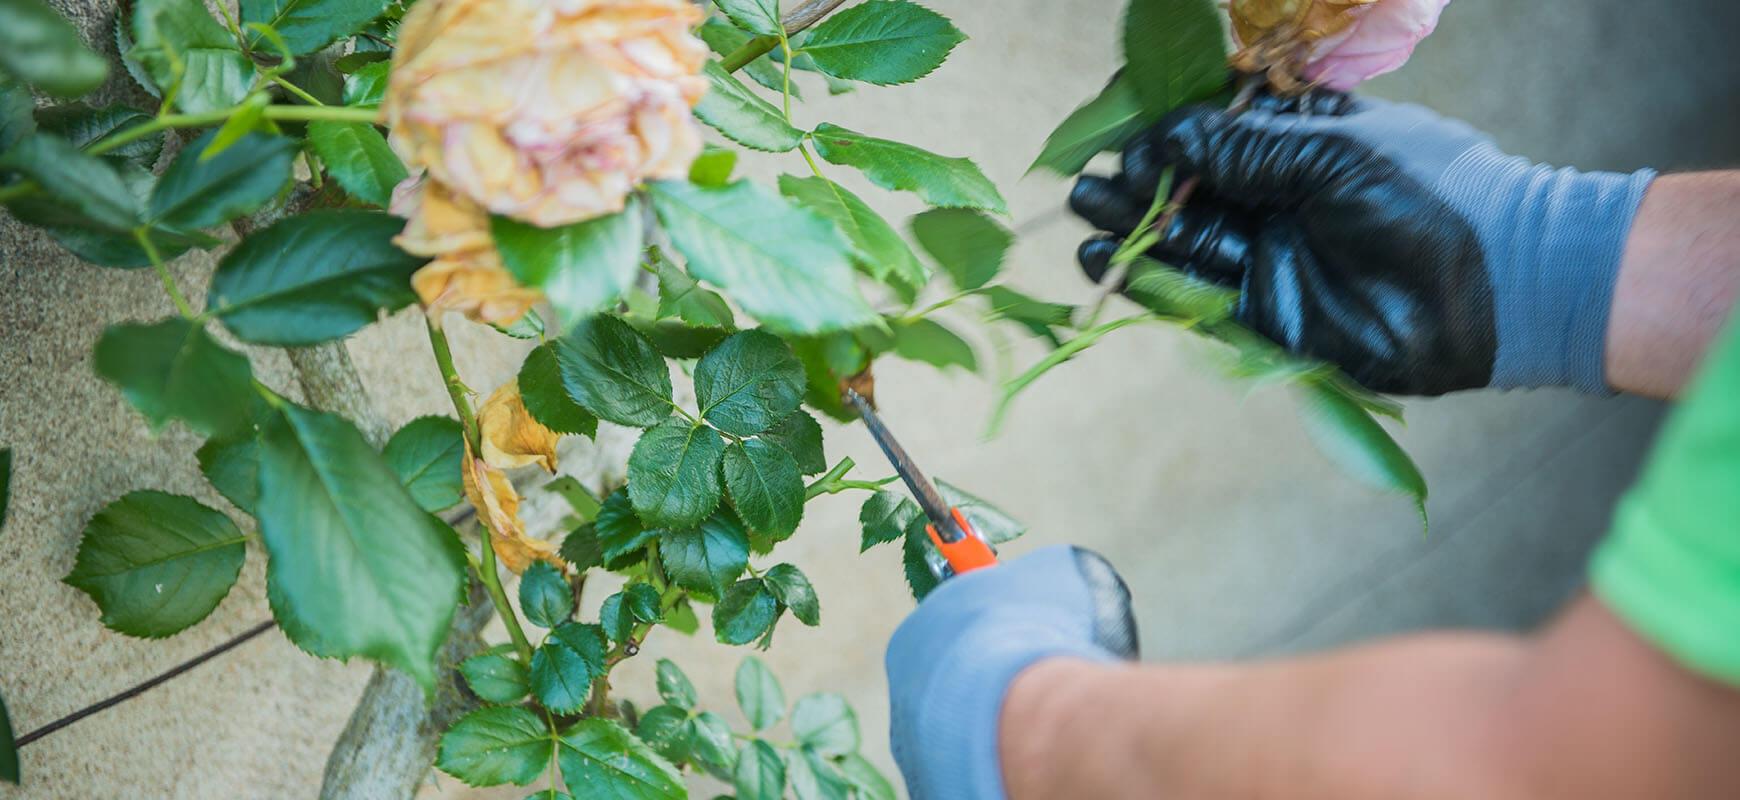 Entretien du jardin : quoi faire à l'automne